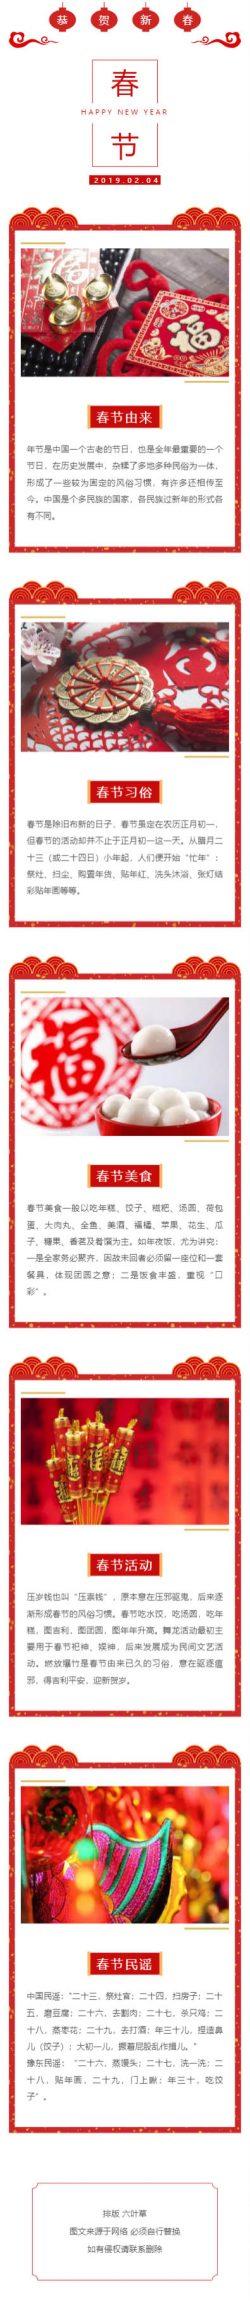 春节风俗习惯节日压岁钱除夕微信推送文章模板素材